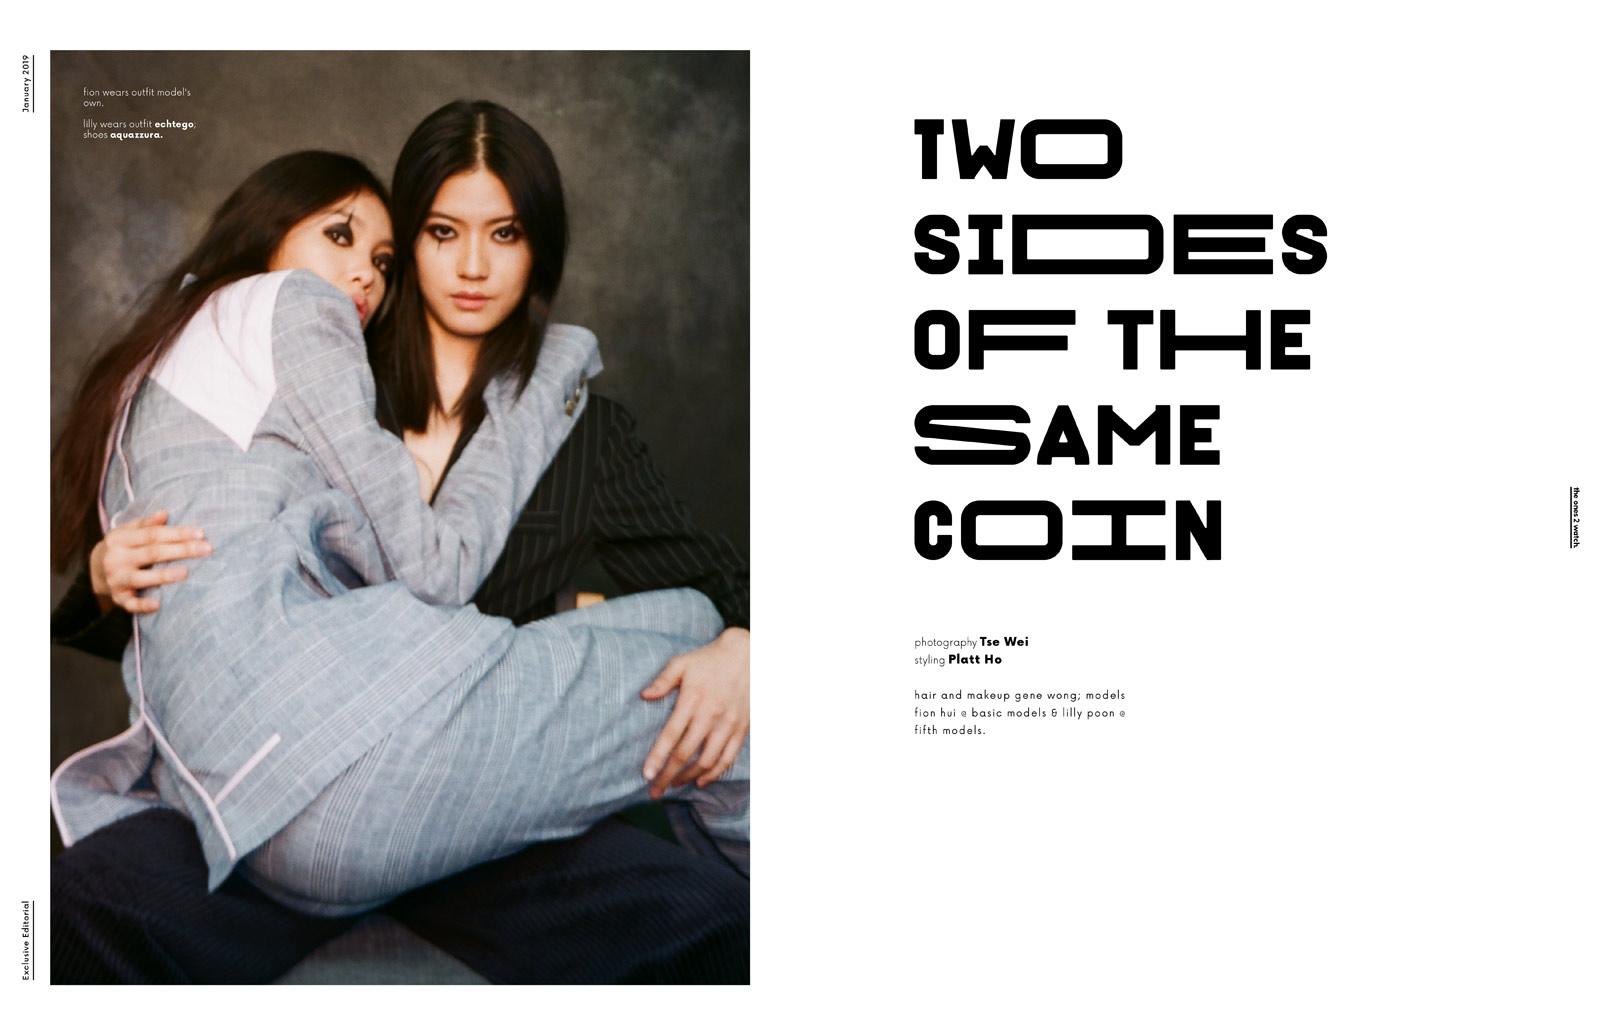 to2wjan19_-_twosides_web-1600_0108-01-20